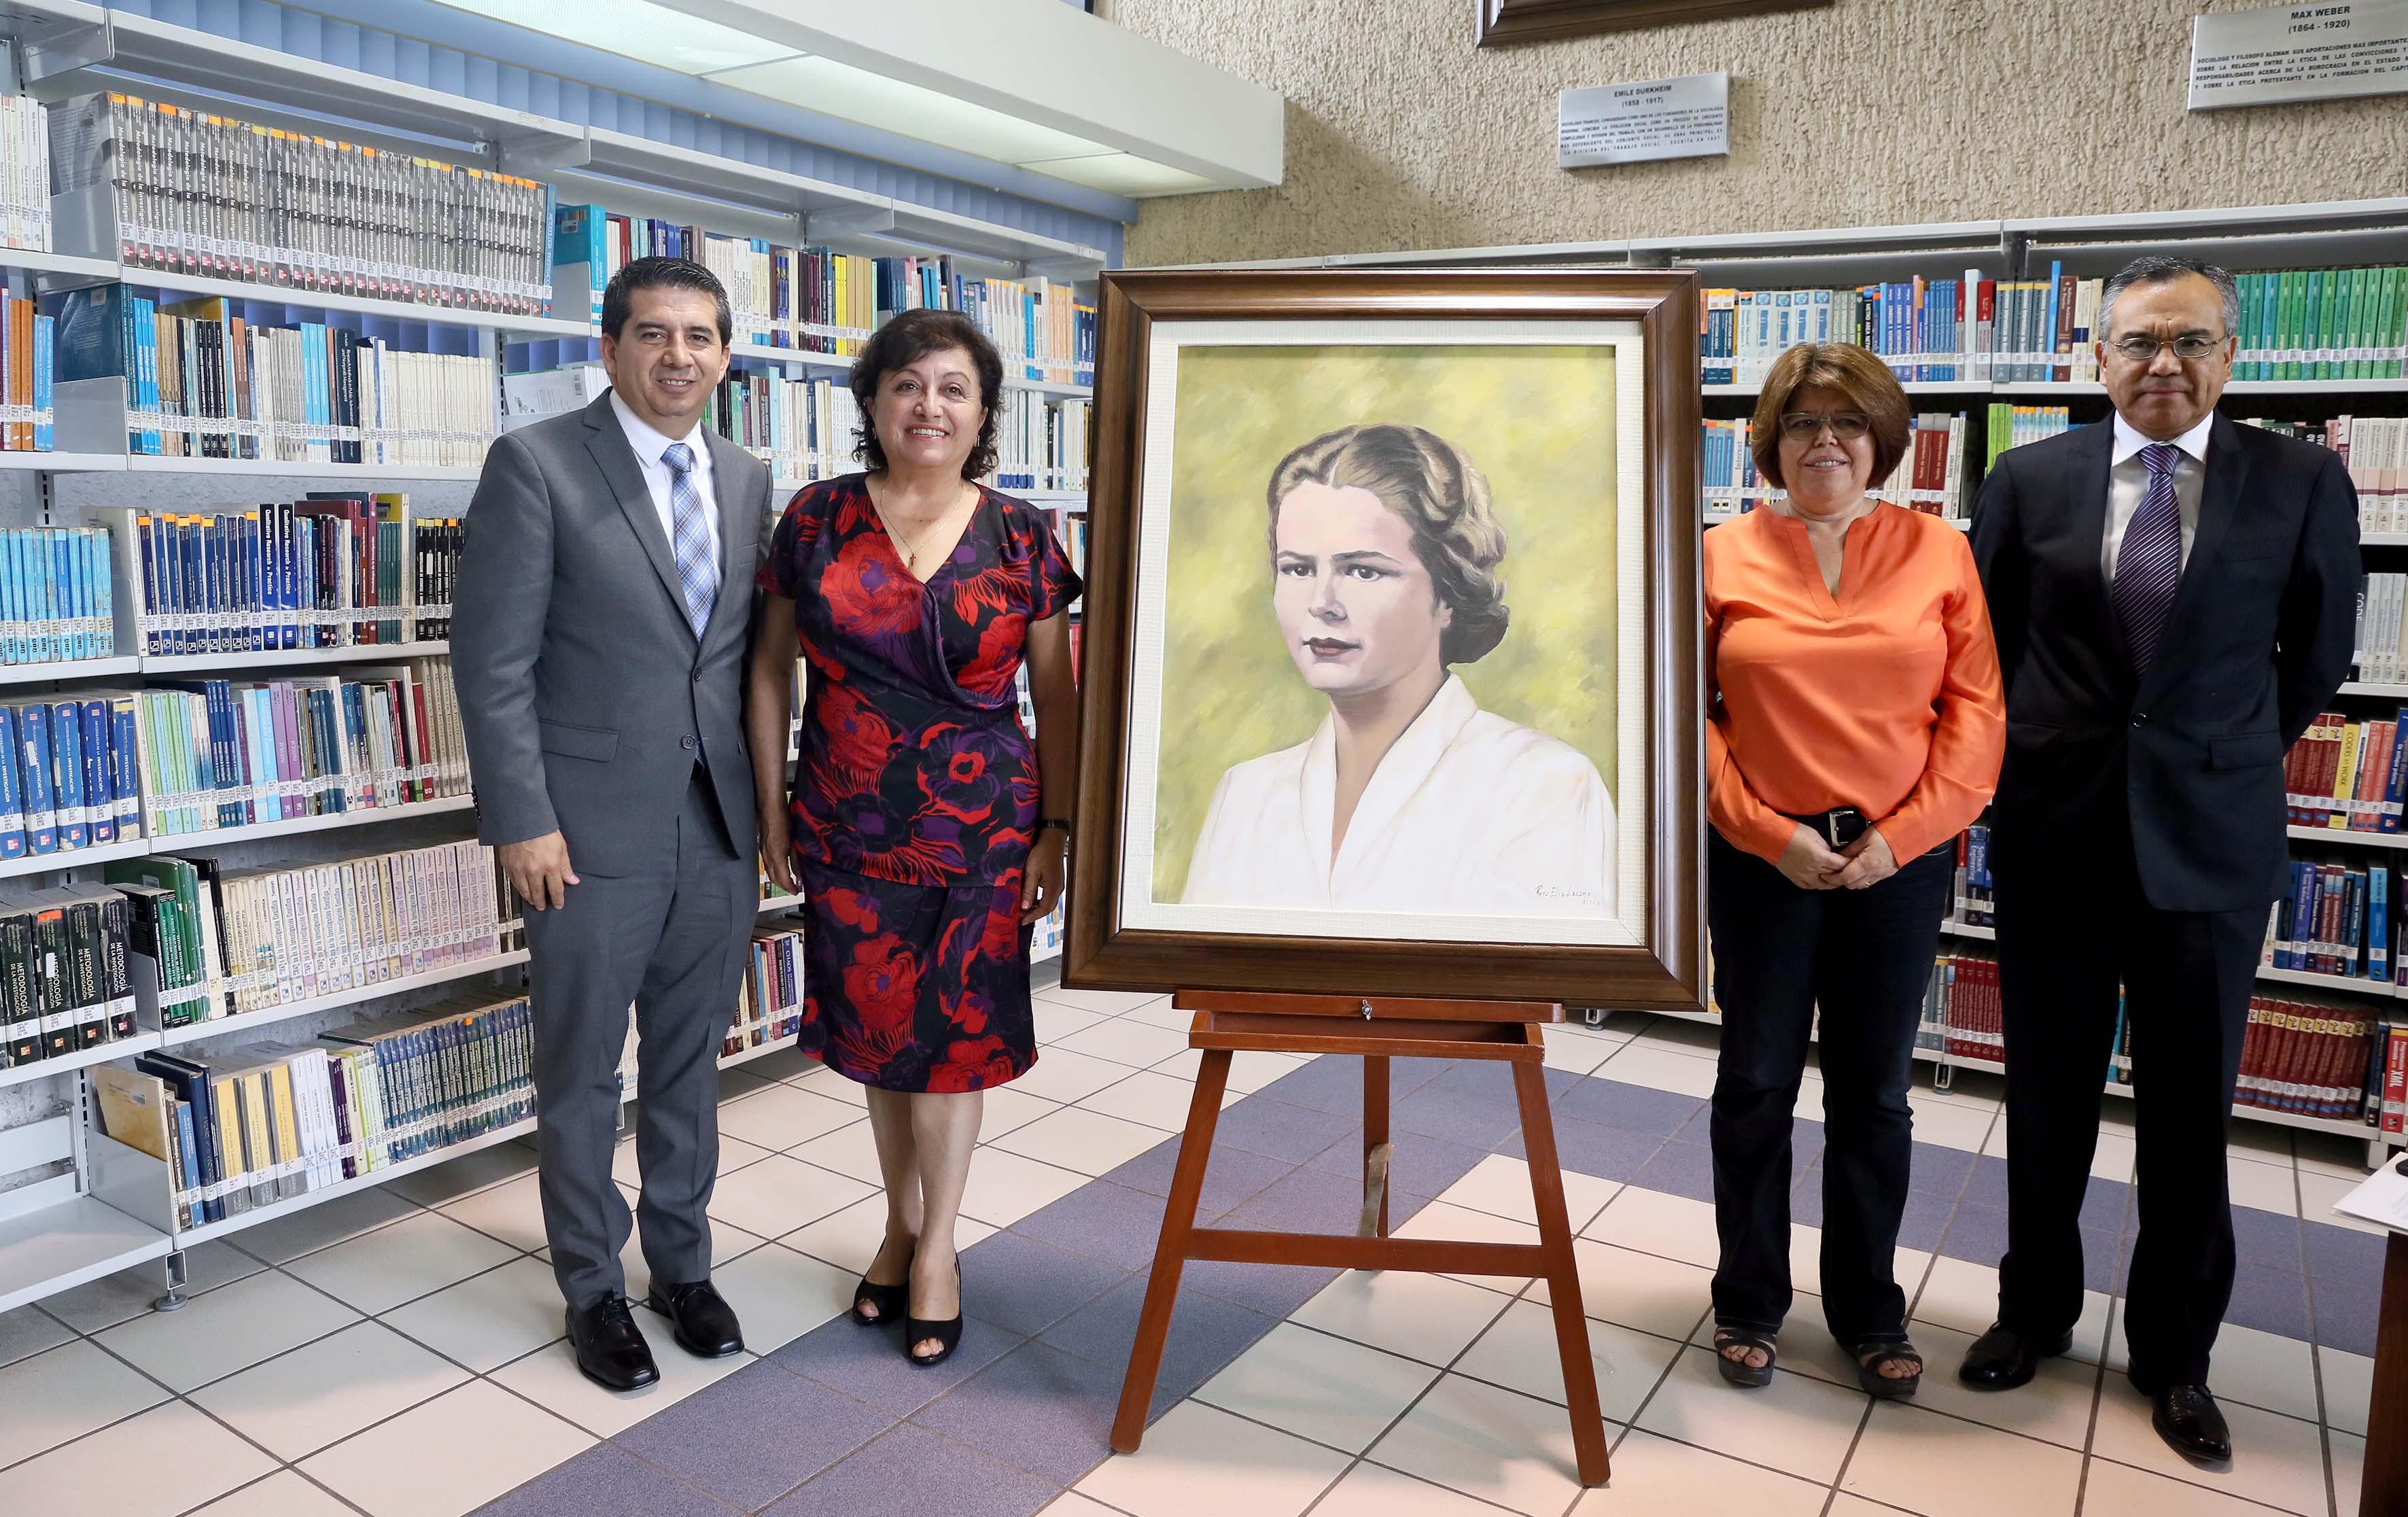 Ceremonia de entrega del retrato de Edith Penrorose que ocupara un lugar en la Galería de pensadores clásicos de la Ciencia Económico Administrativa, del Centro de Recursos Informativos (CERI), adscrito al Centro Universitario de Ciencias Económico Administrativas (CUCEA).